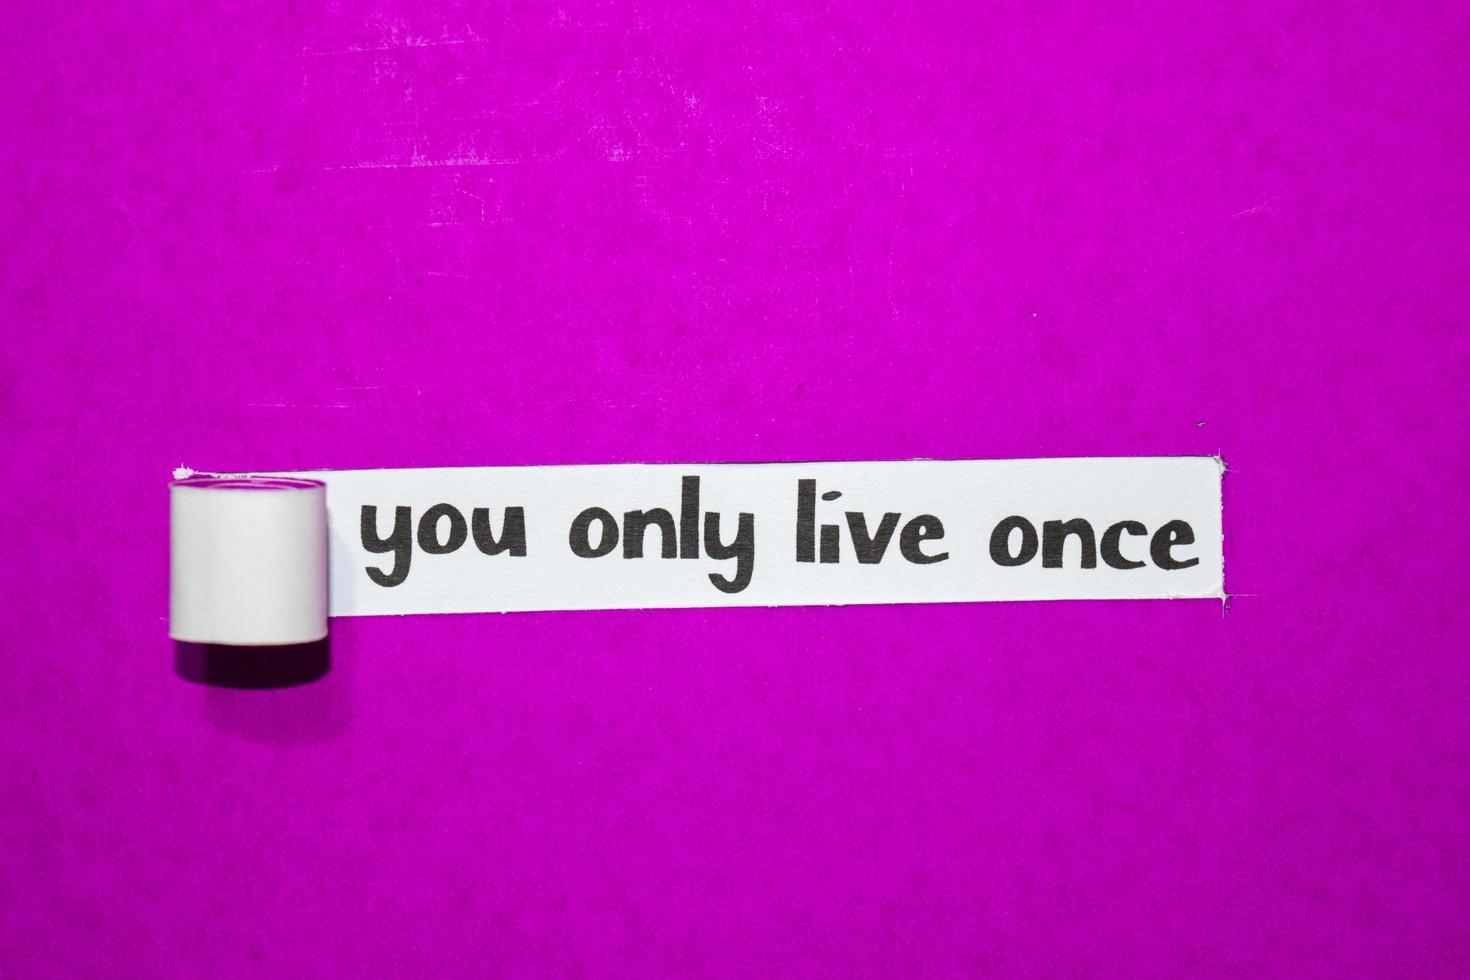 je leeft maar één keer tekst, inspiratie, motivatie en bedrijfsconcept op paars gescheurd papier foto